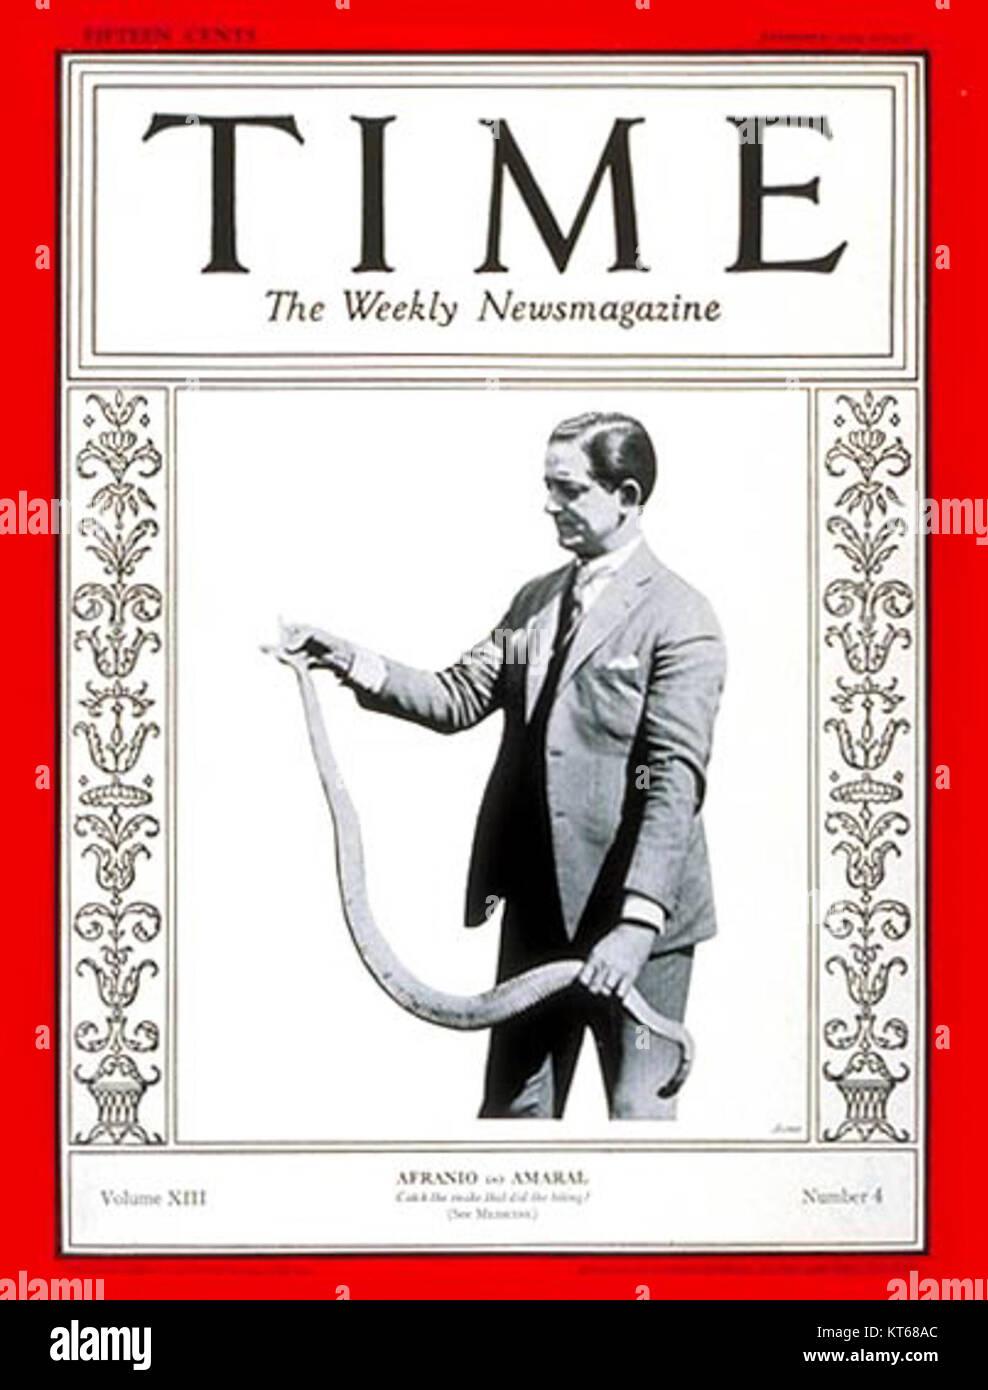 Time Magazine - Afranio do Amaral - Stock Image